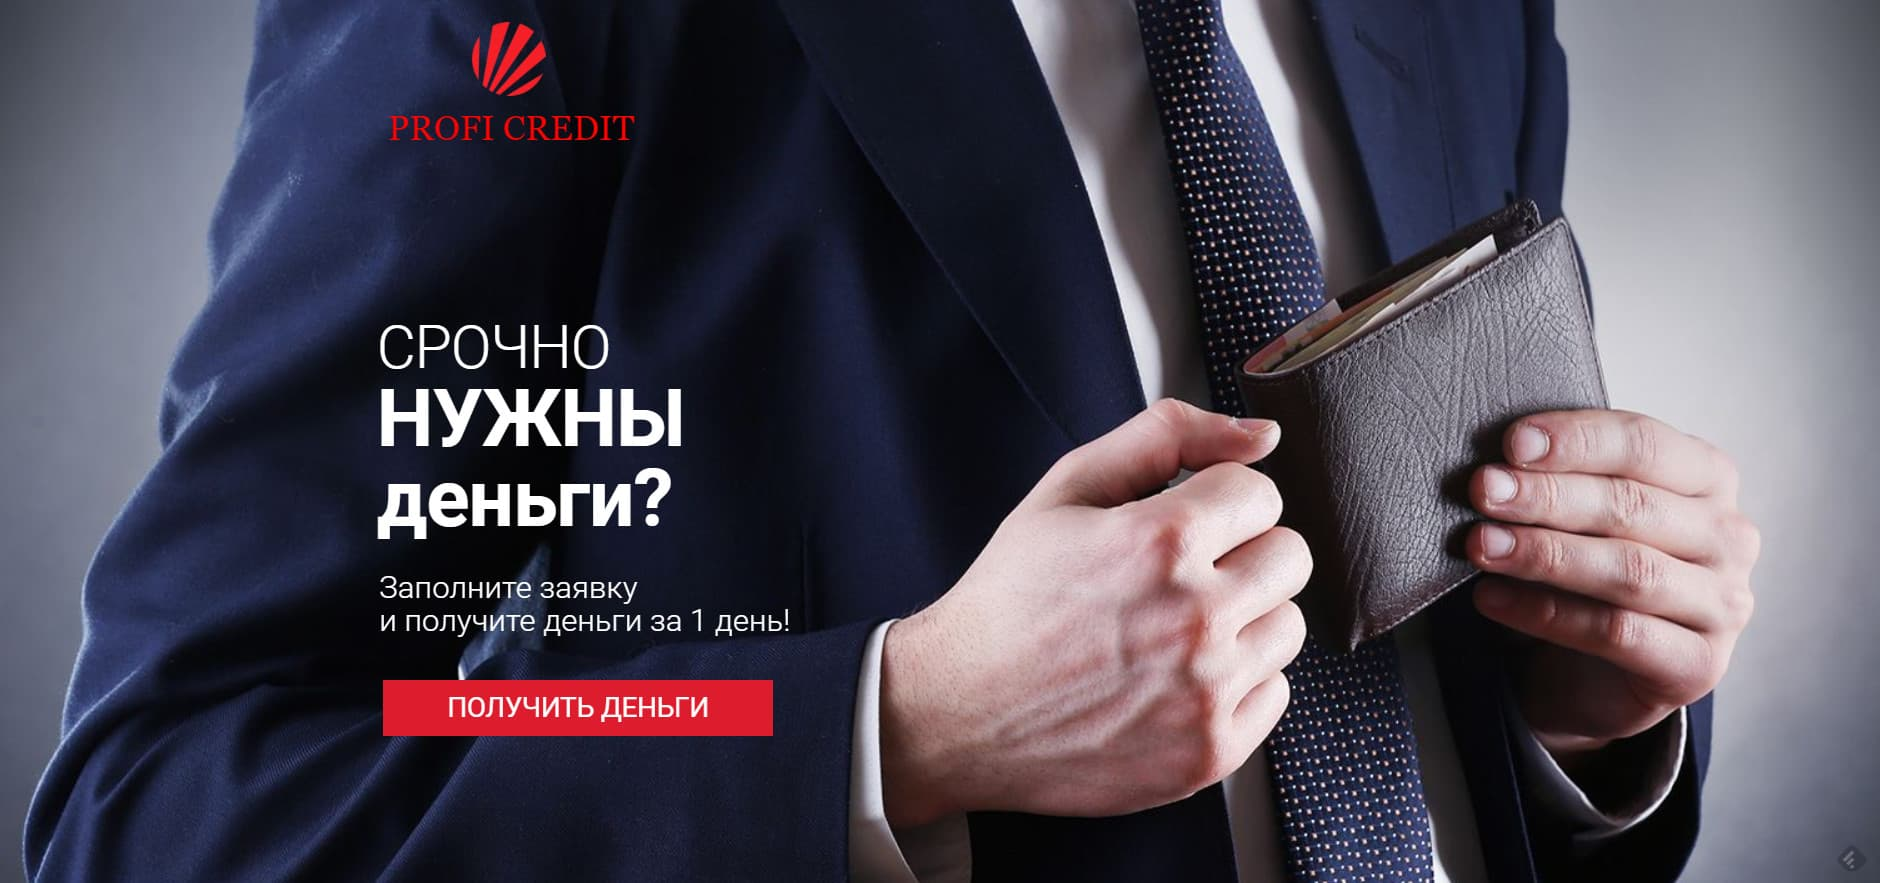 zajm-dlya-ispravleniya-kreditnoj-istorii_19